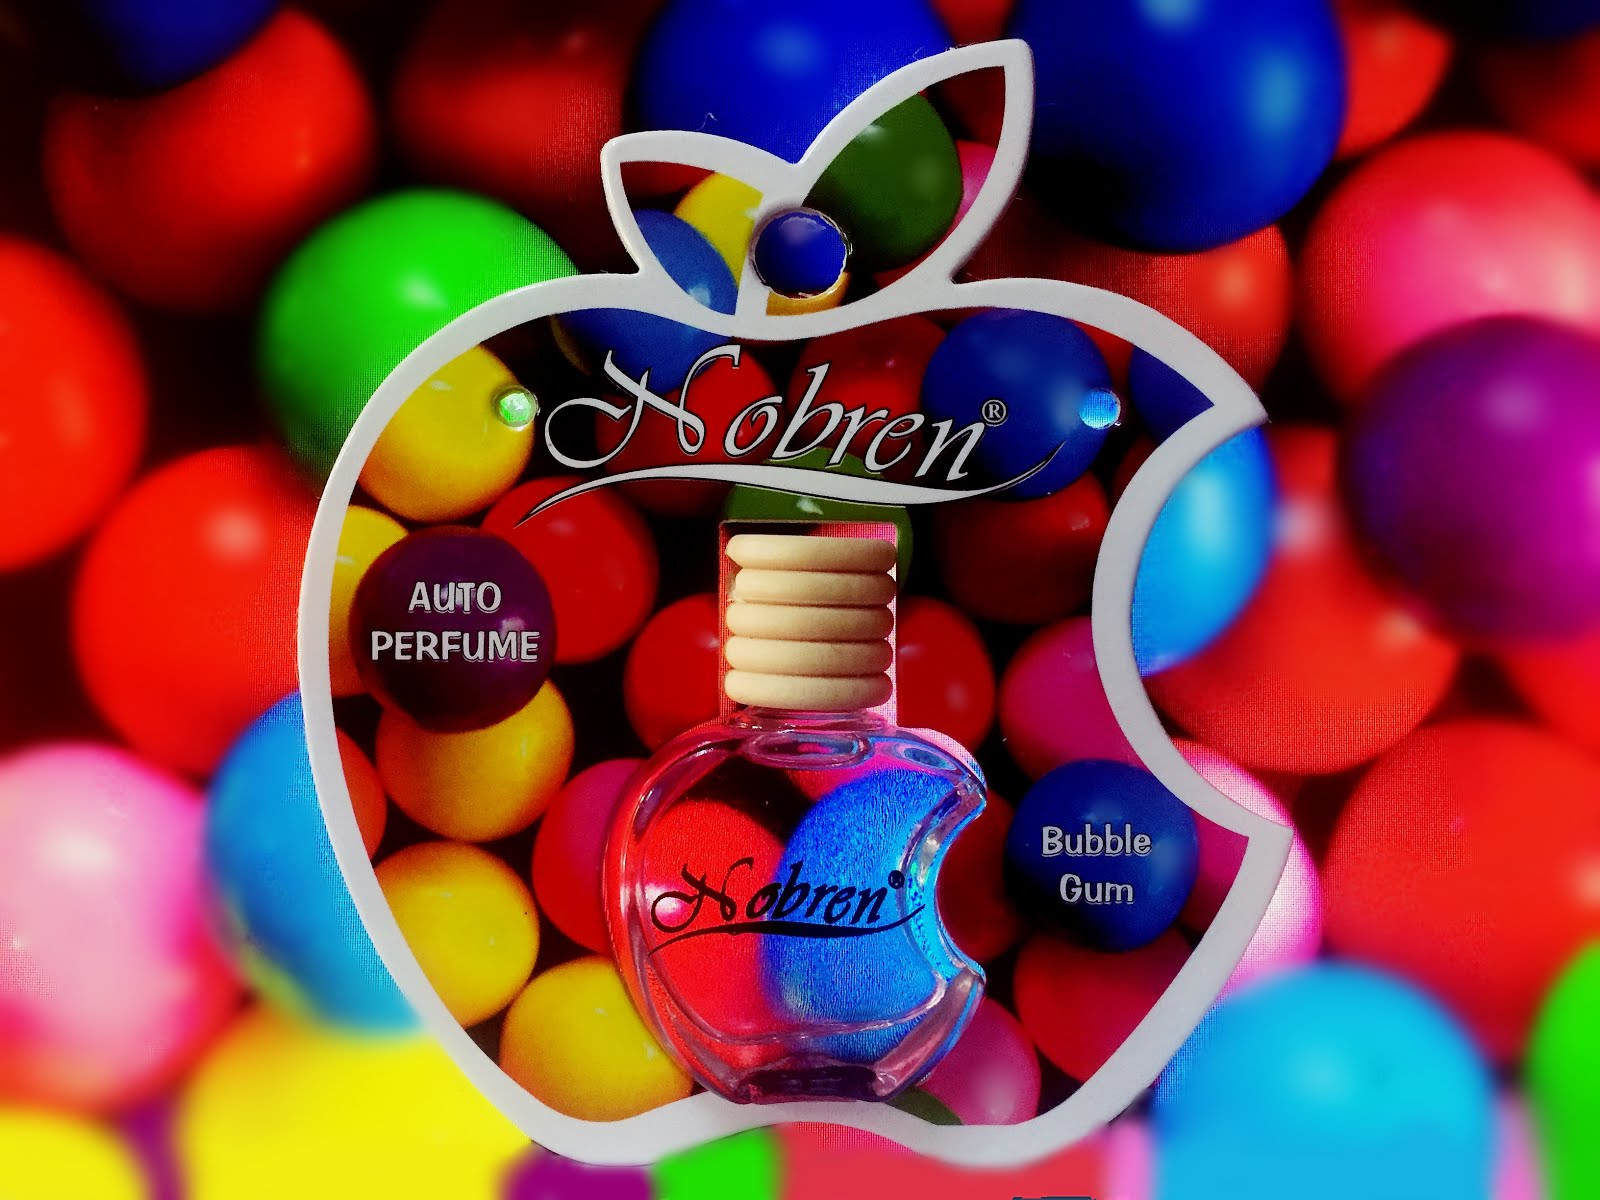 Drive Shop24de Autoduft Bubble Gum Fruchtiger Kaugummi Geruch